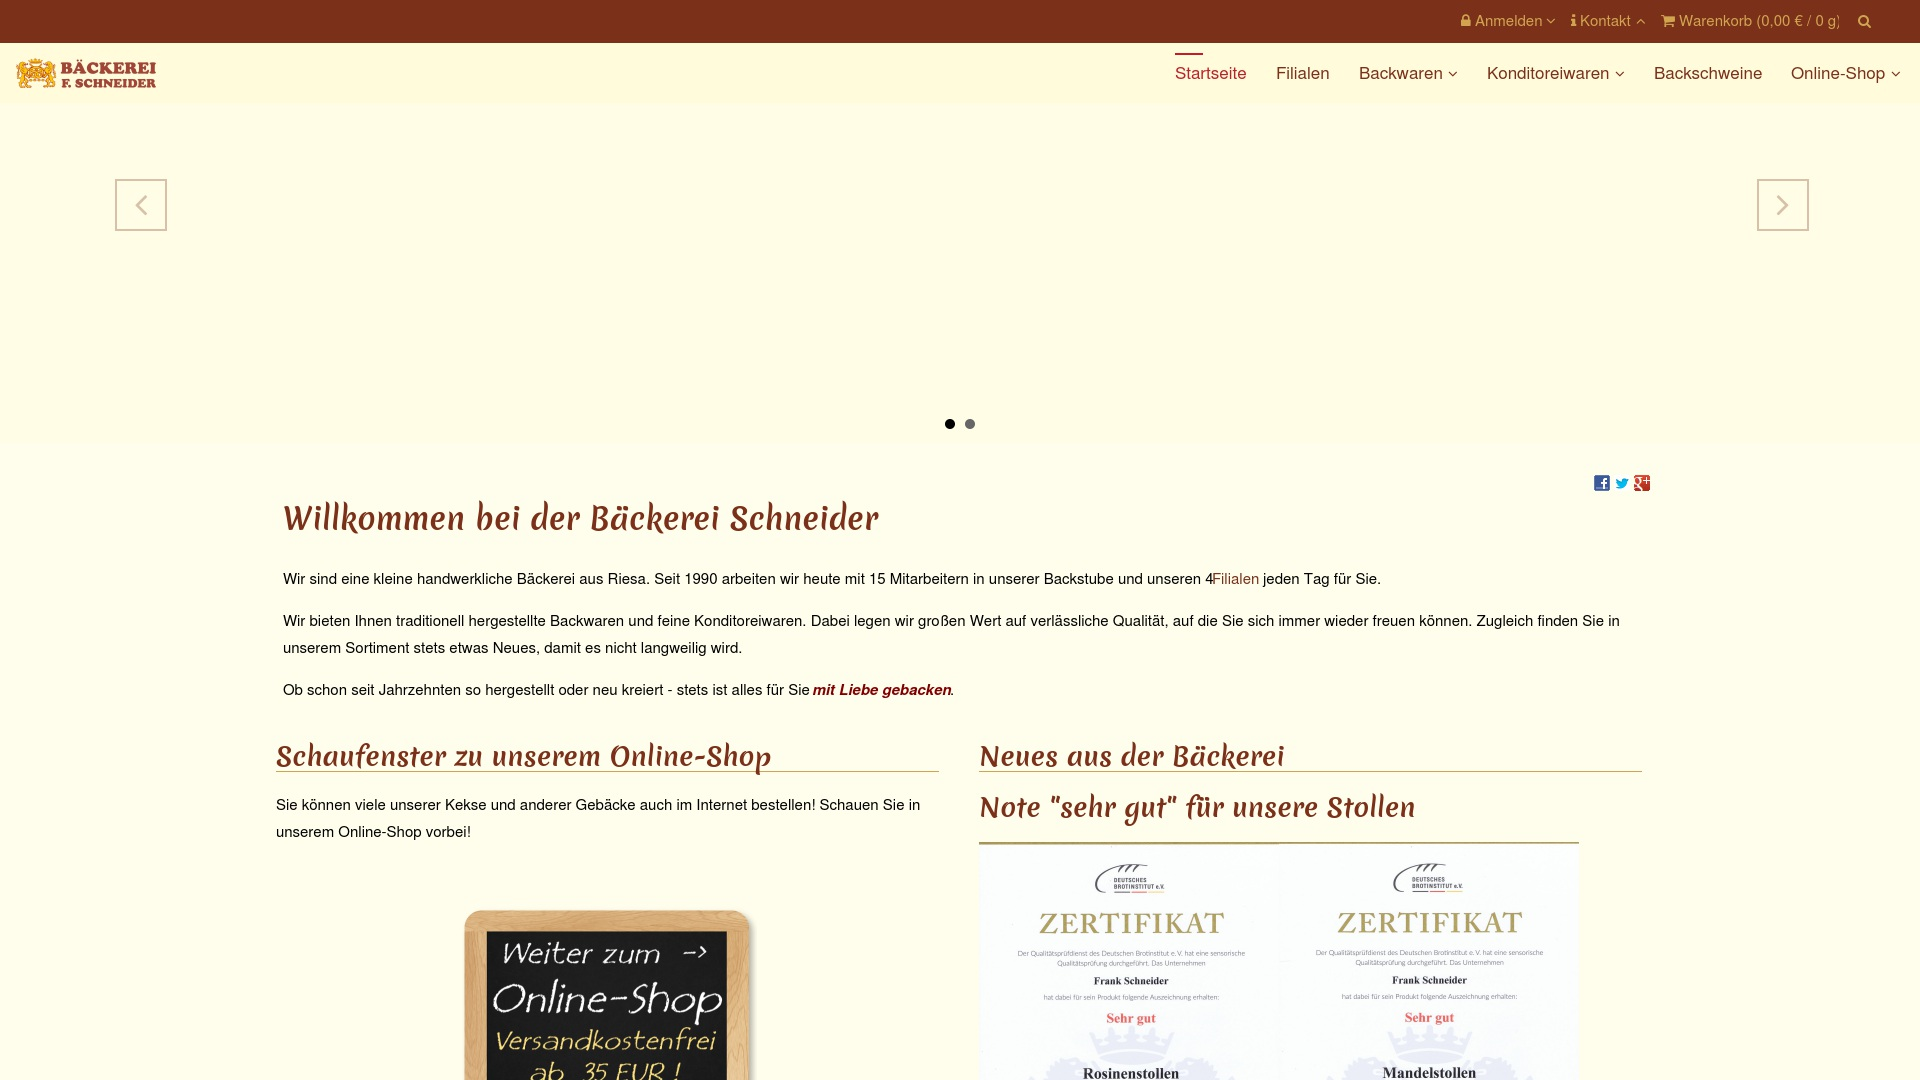 Gutschein für Mit-liebe-gebacken: Rabatte für  Mit-liebe-gebacken sichern